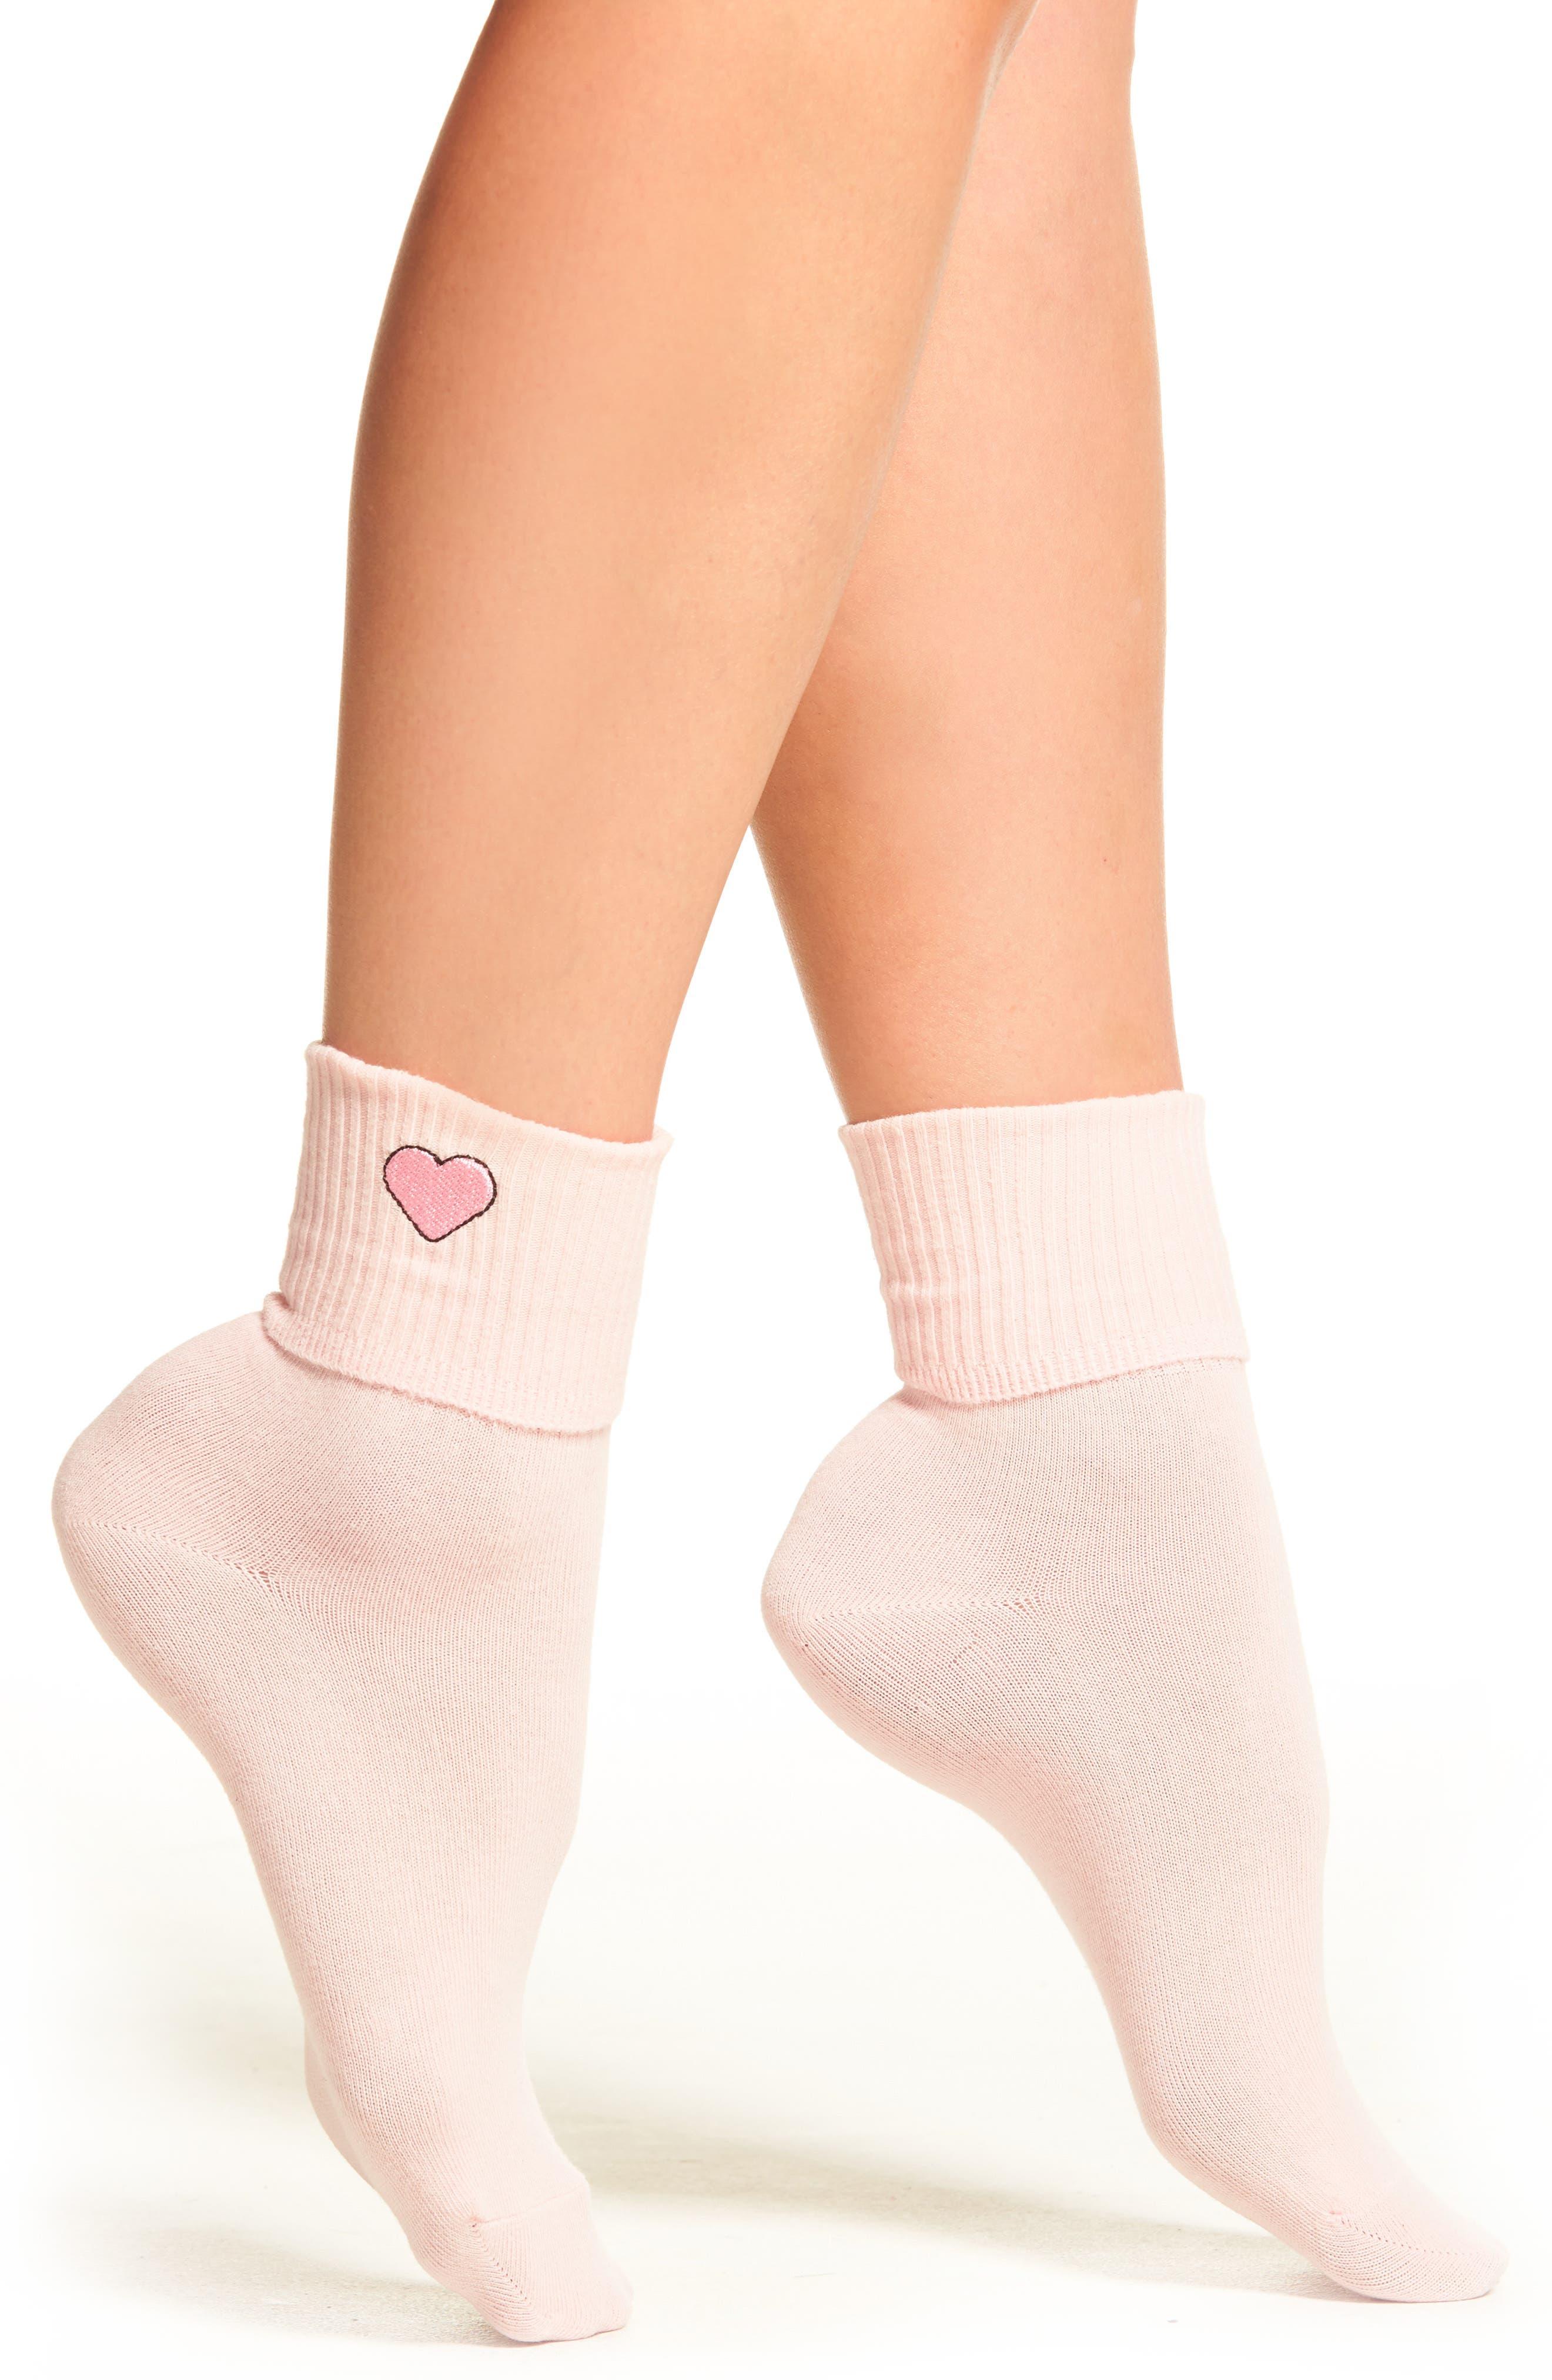 Heart Socks,                             Main thumbnail 1, color,                             650